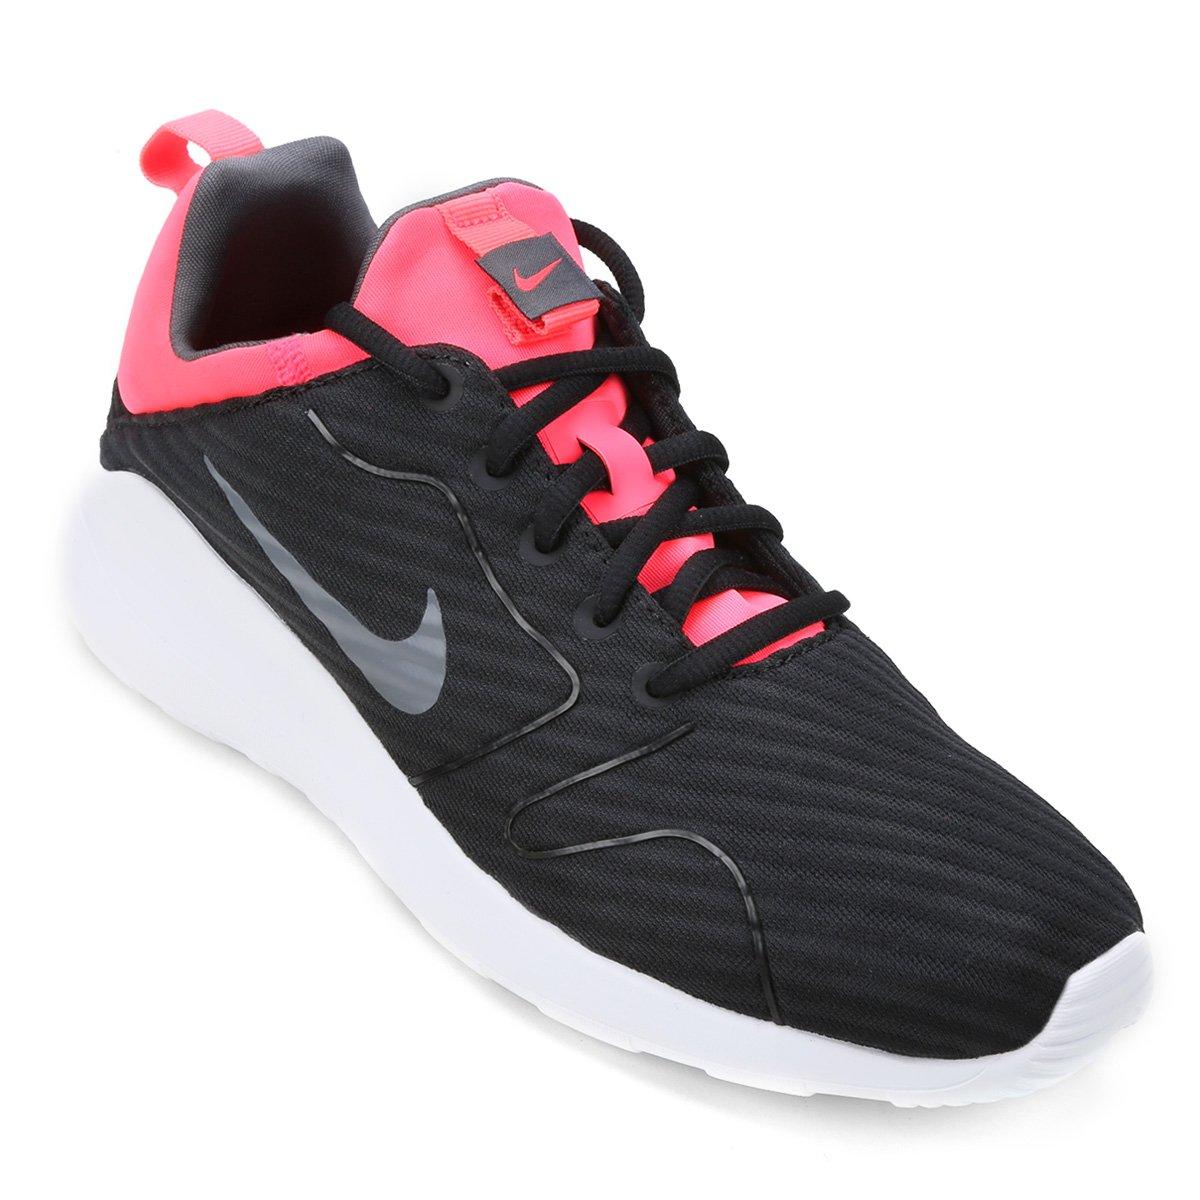 Tênis Nike Kaishi 2.0 Se Masculino Compre Compre Compre Agora b8cab8